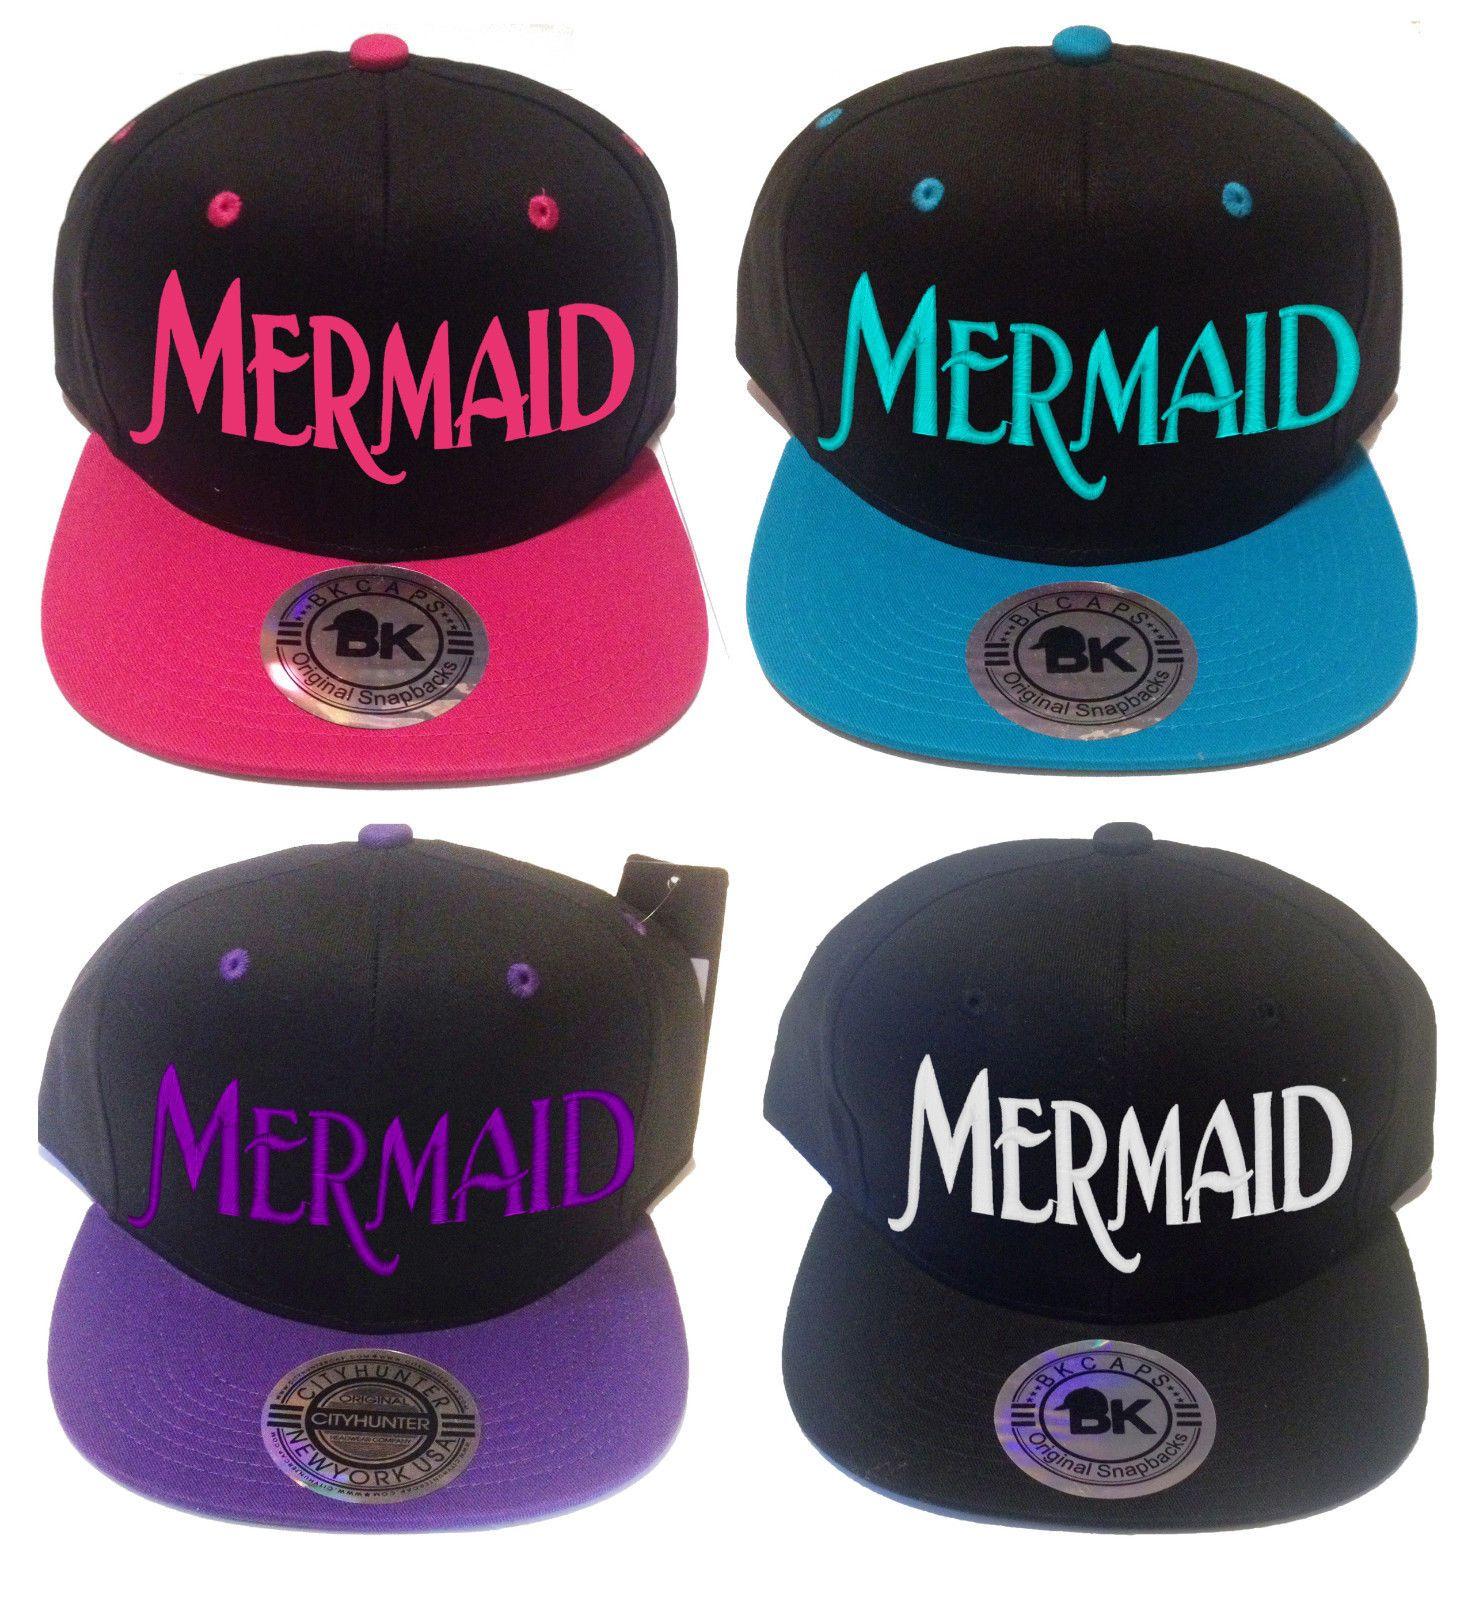 edbc4db09eb Mermaid Snapback Hat Flat Bill Cap